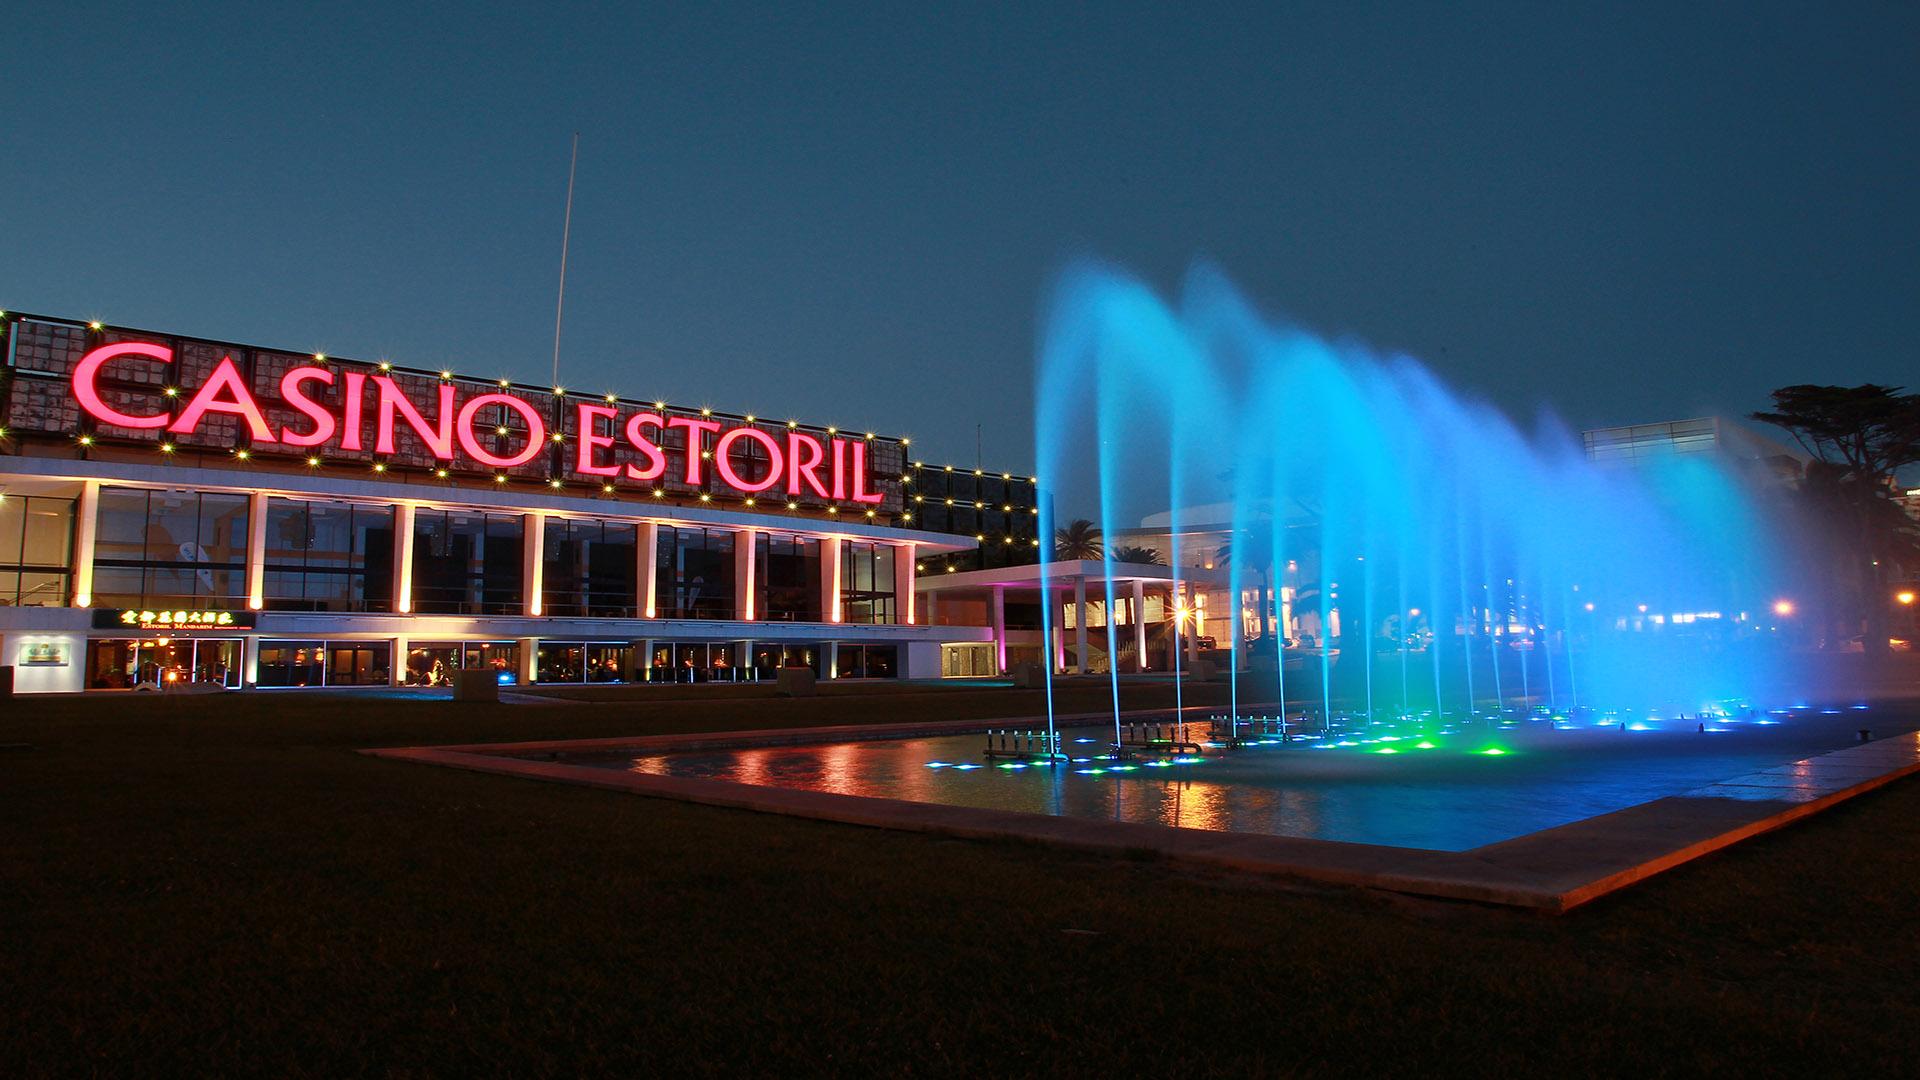 Casino-Estoril-3